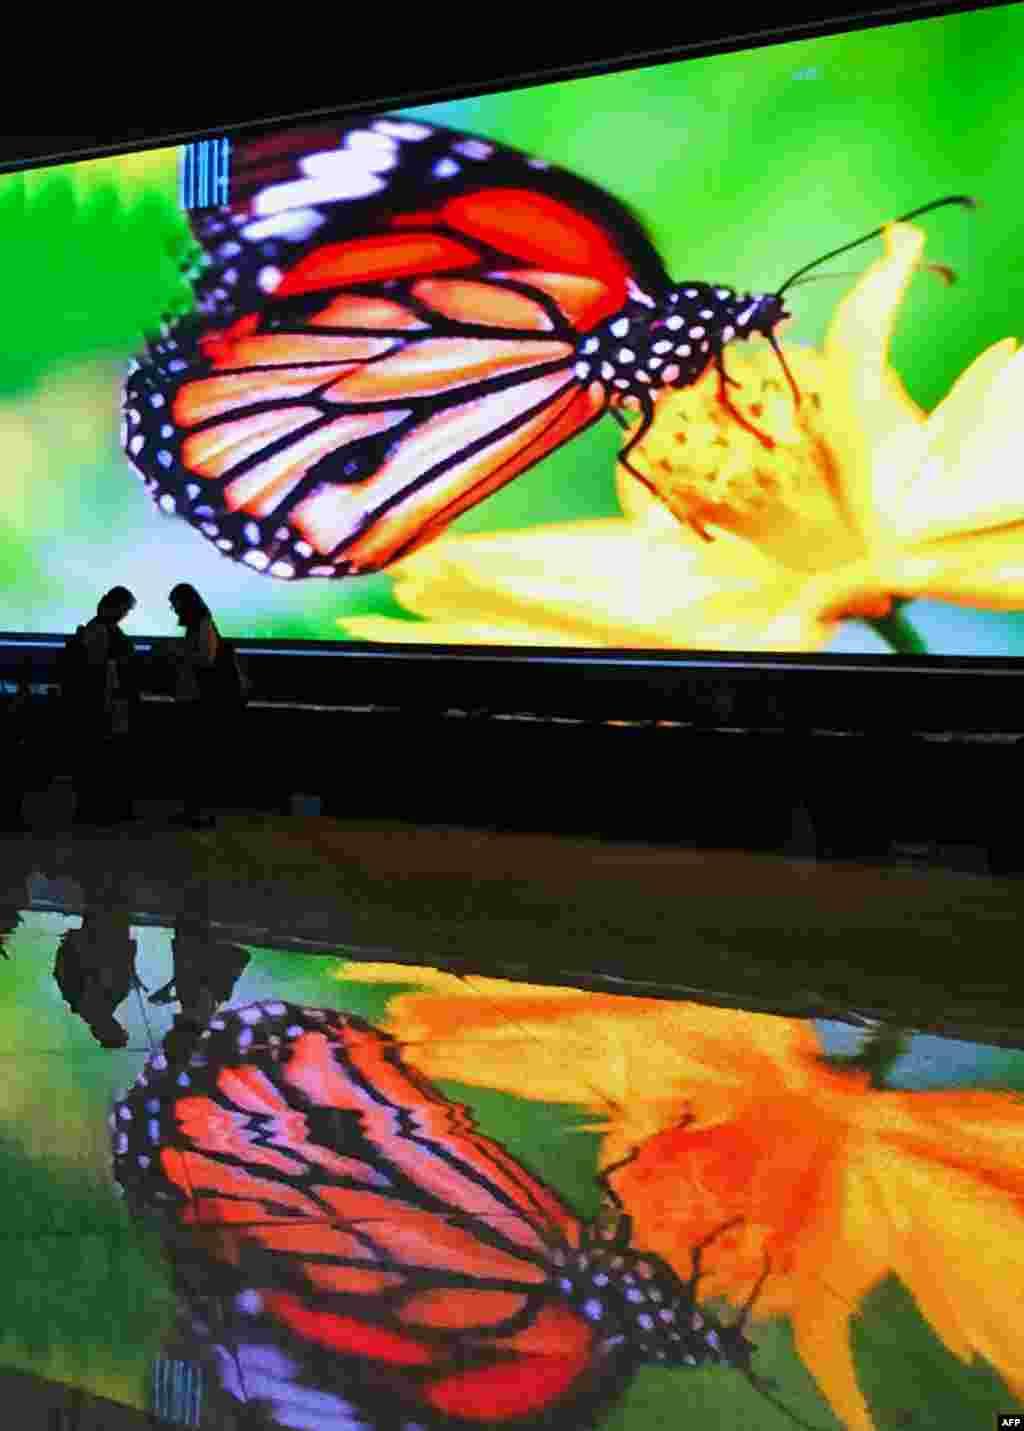 អ្នកចូលរួមដើរនៅពីមុខផ្ទាំងដ៏ធំមួយដែលបង្ហាញរូបមេអំបៅក្នុងកិច្ចប្រជុំលើកទី១៣នៃសន្និសីទប្រទេសជាសមាជិកនៃអនុសញ្ញាស្តីពីភាពចម្រុះគ្នានៃជីវសាស្រ្ត (Convention on Biological Diversity) ក្នុងក្រុង Cancun ប្រទេសម៉ិកស៊ិក។ កិច្ចប្រជុំលើកទី១៣នៃសន្និសីទប្រទេសជាសមាជិកនៃអនុសញ្ញាស្តីពីភាពចម្រុះគ្នានៃជីវសាស្រ្តនឹងប្រព្រឹត្តទៅរហូតដល់ថ្ងៃទី១៧ ខែធ្នូនៅរមណីយដ្ឋាននៅតាមមាត់សមុទ្ររបស់ក្រុង Cancun ហើយគេរំពឹងថា កិច្ចប្រជុំនេះនឹងផ្តោតលើការប្រយុទ្ធប្រឆាំងនឹងការជួញដូរសត្វខុសច្បាប់។